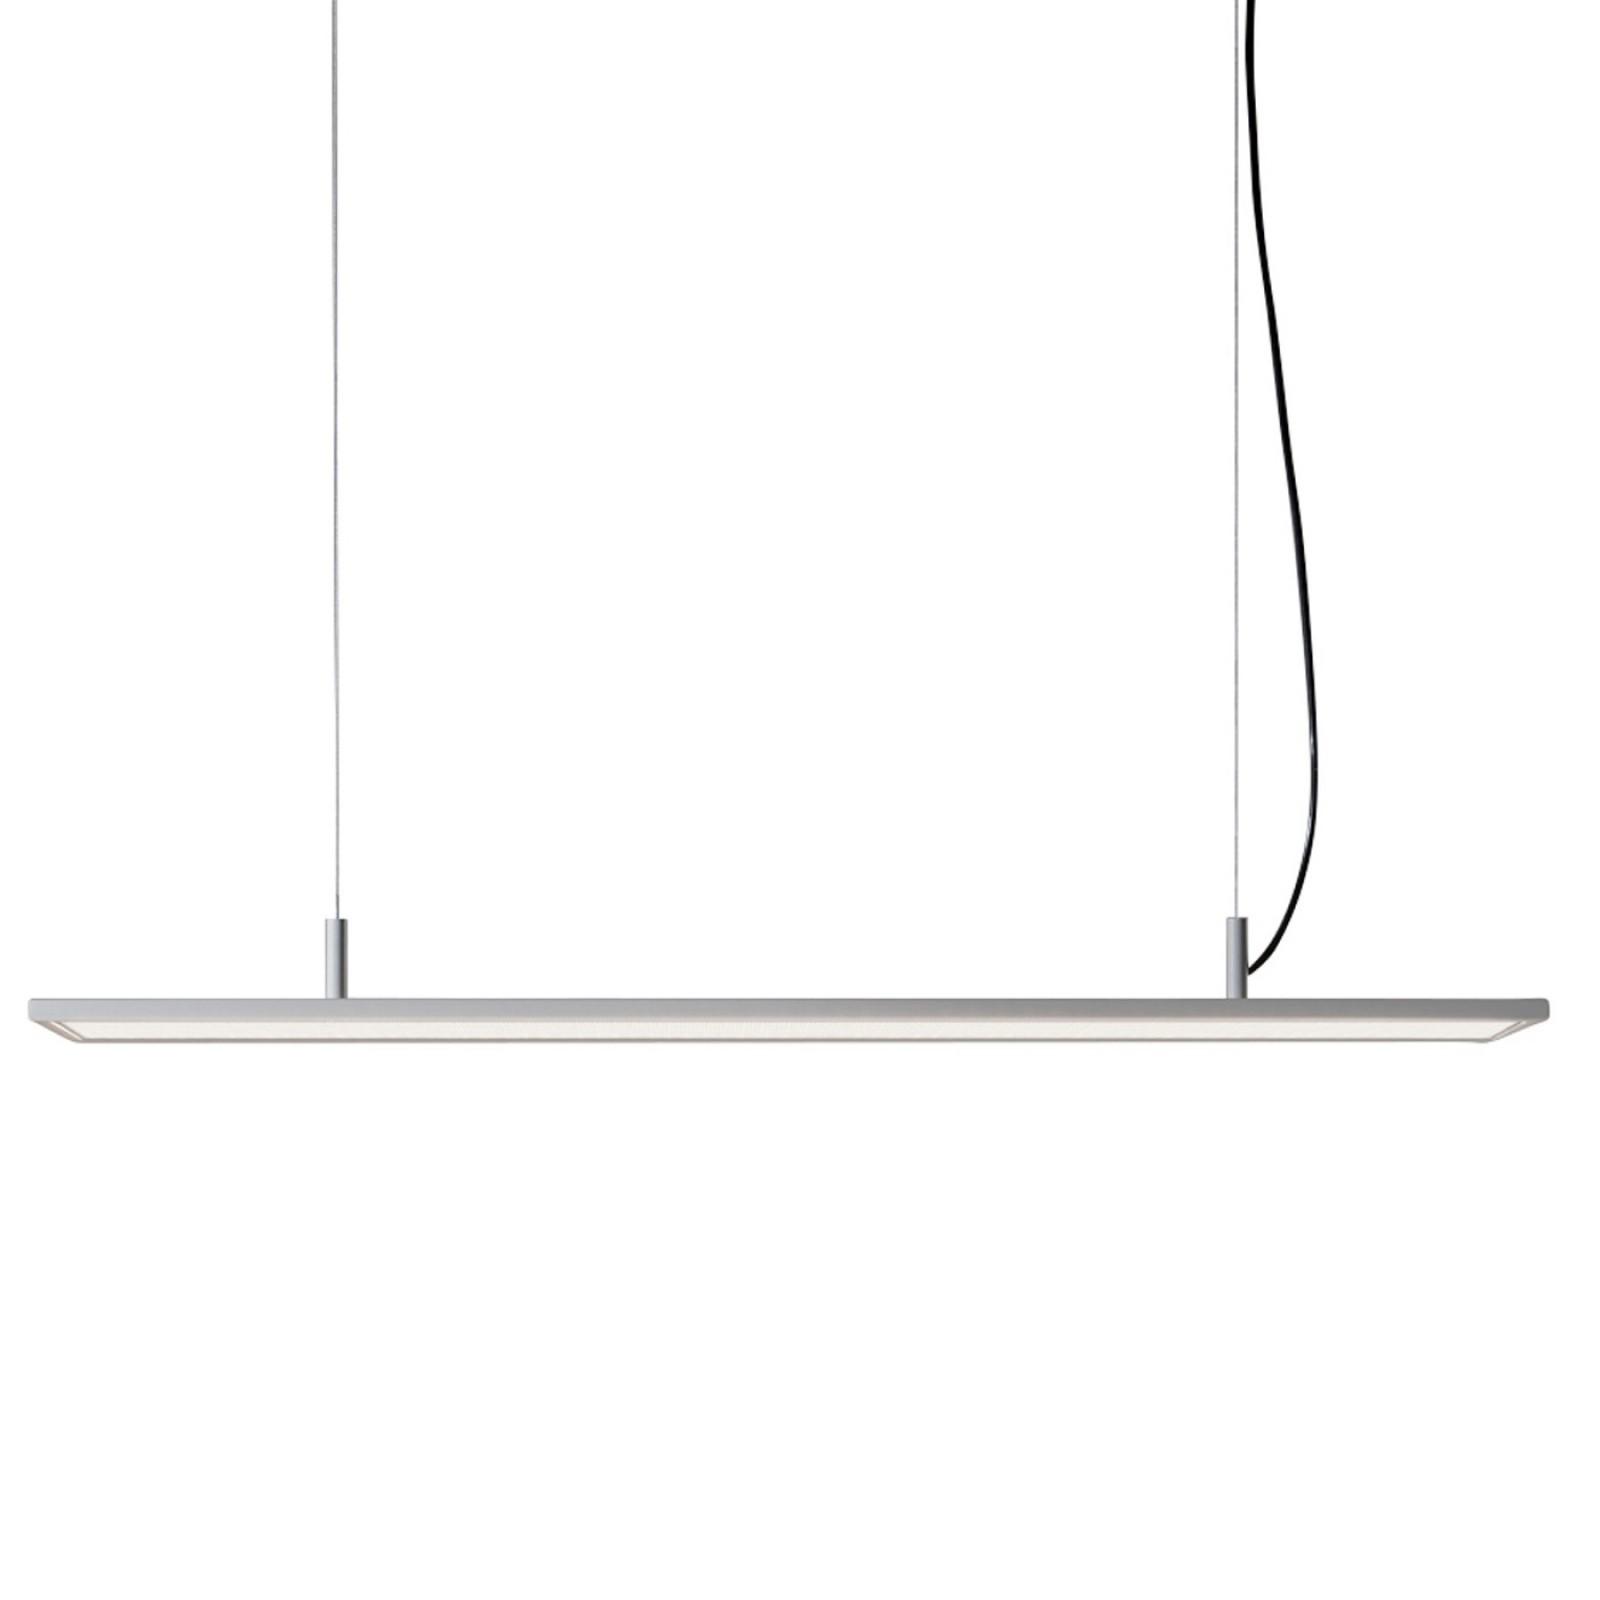 Κρεμαστό Φωτιστικό Οροφής LED BlancoWhite R3 - Santa & Cole